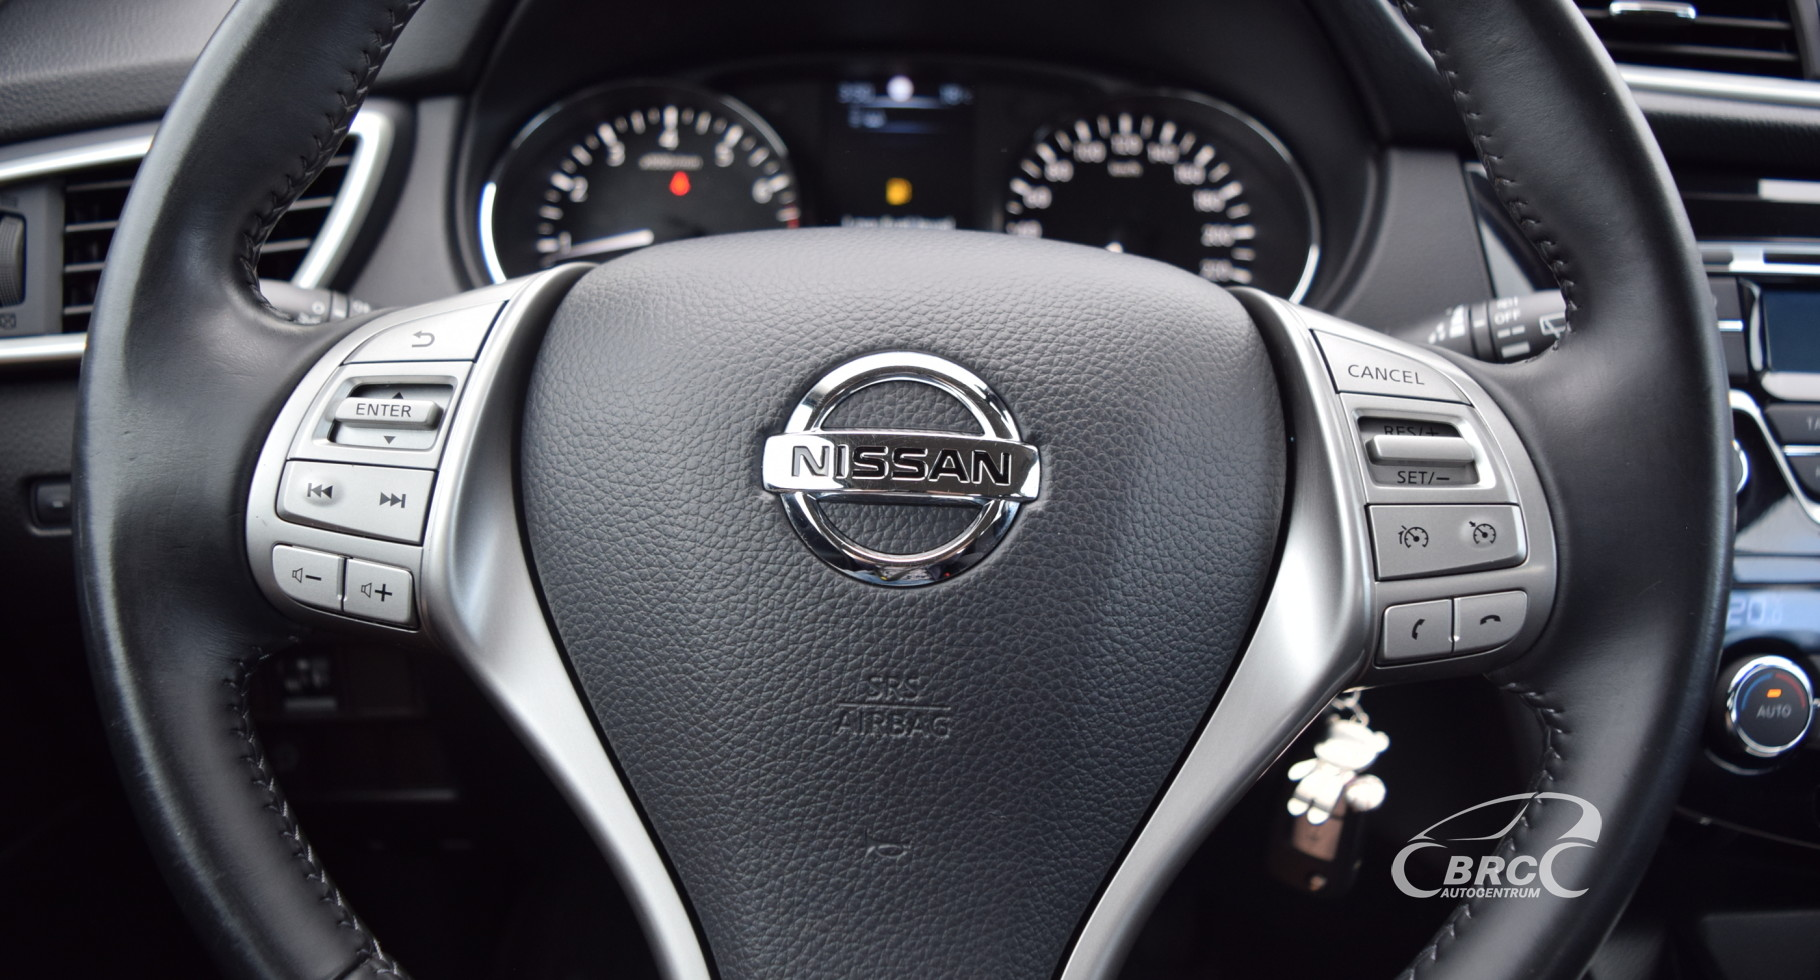 Nissan Qashqai M/T